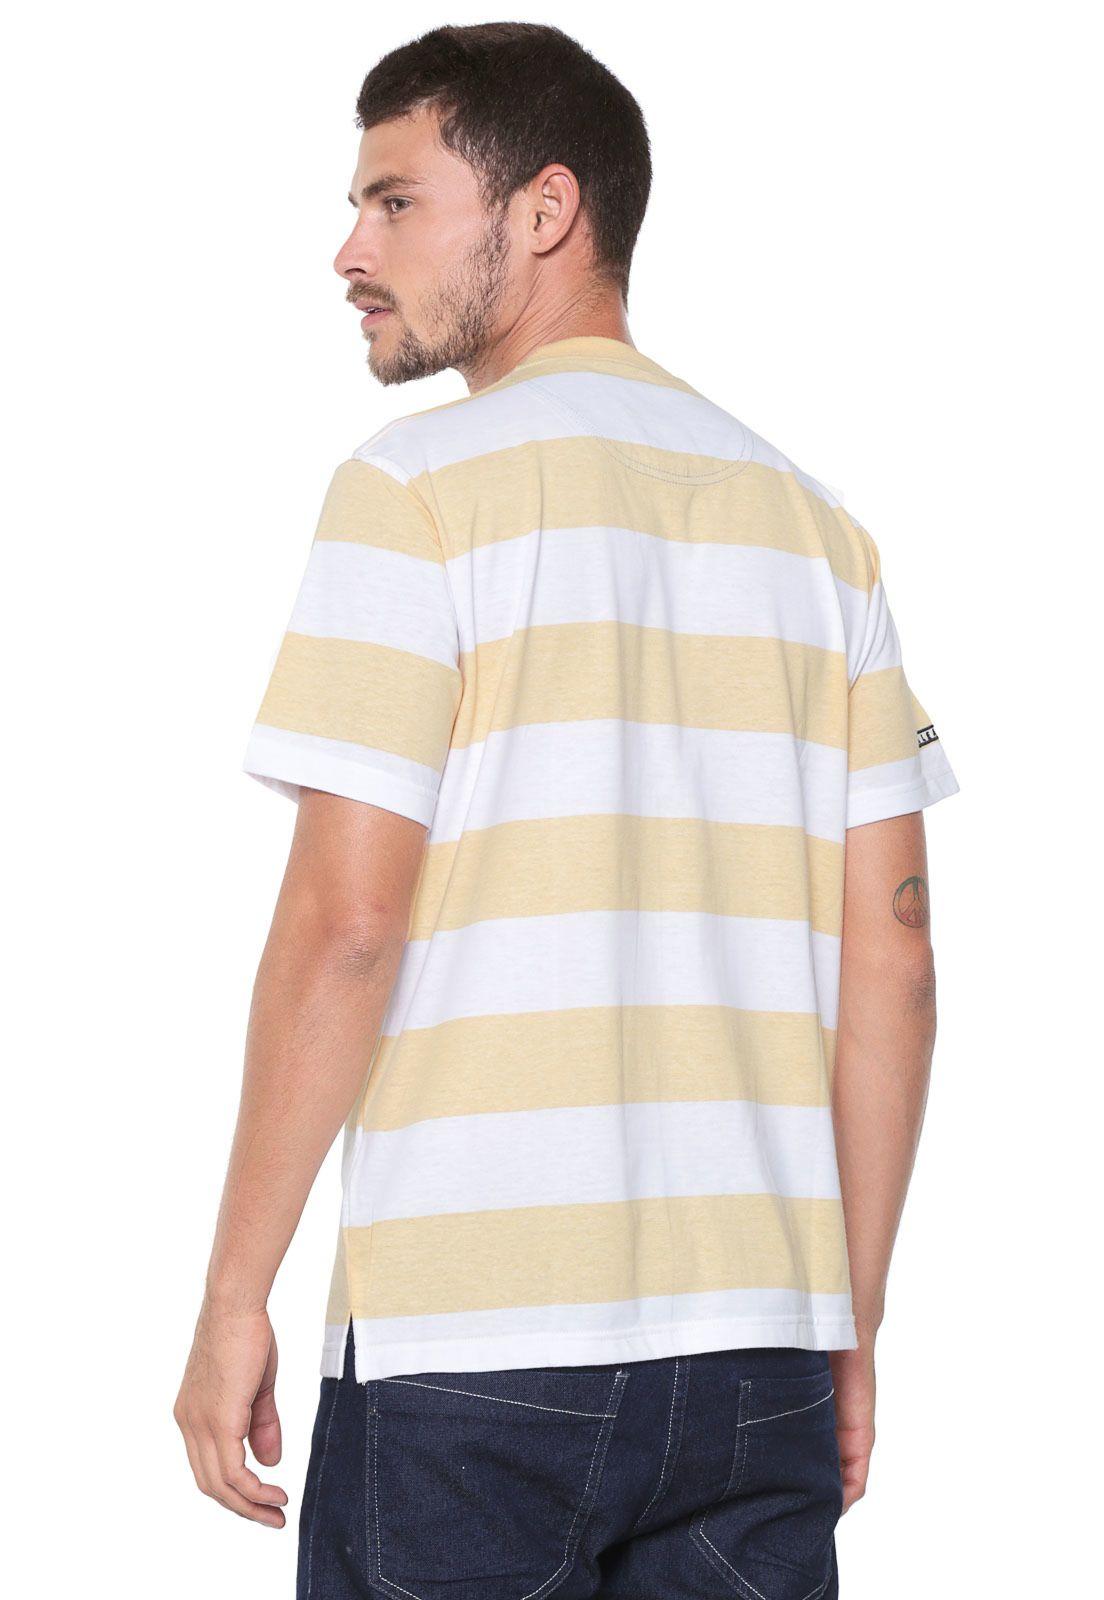 Camiseta Aleatory Listras Branca